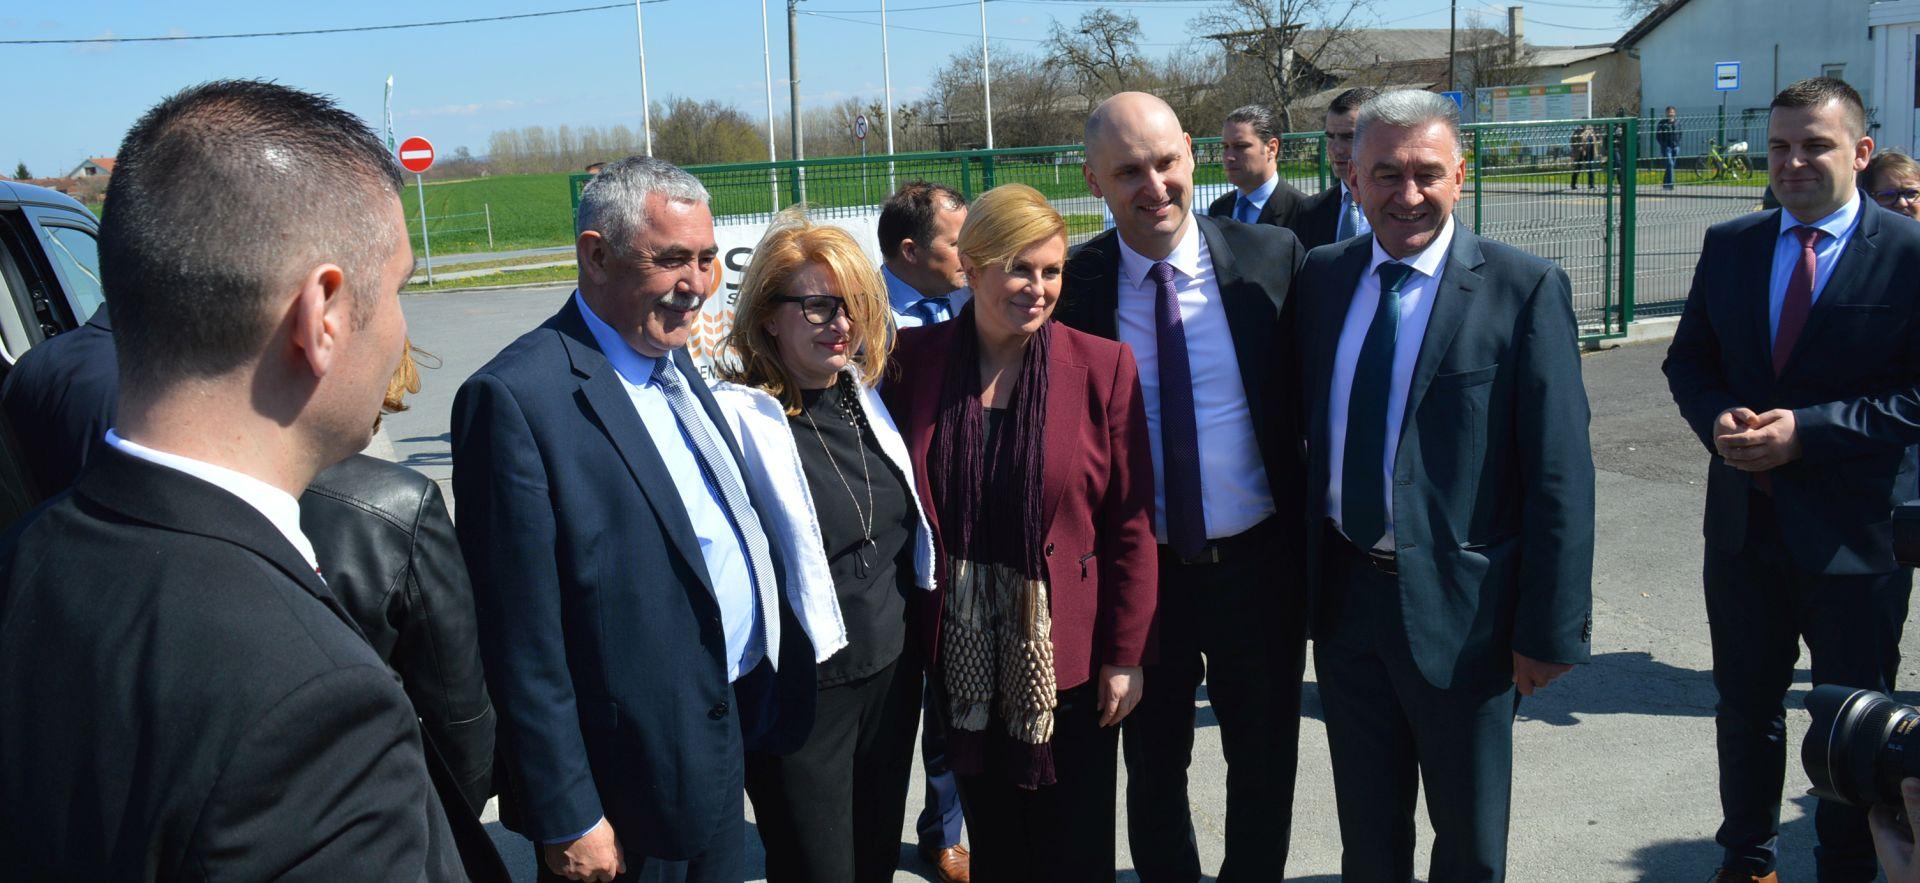 Predsjednica u Gudovcu pozvala na sveobuhvatnu agrarnu reformu